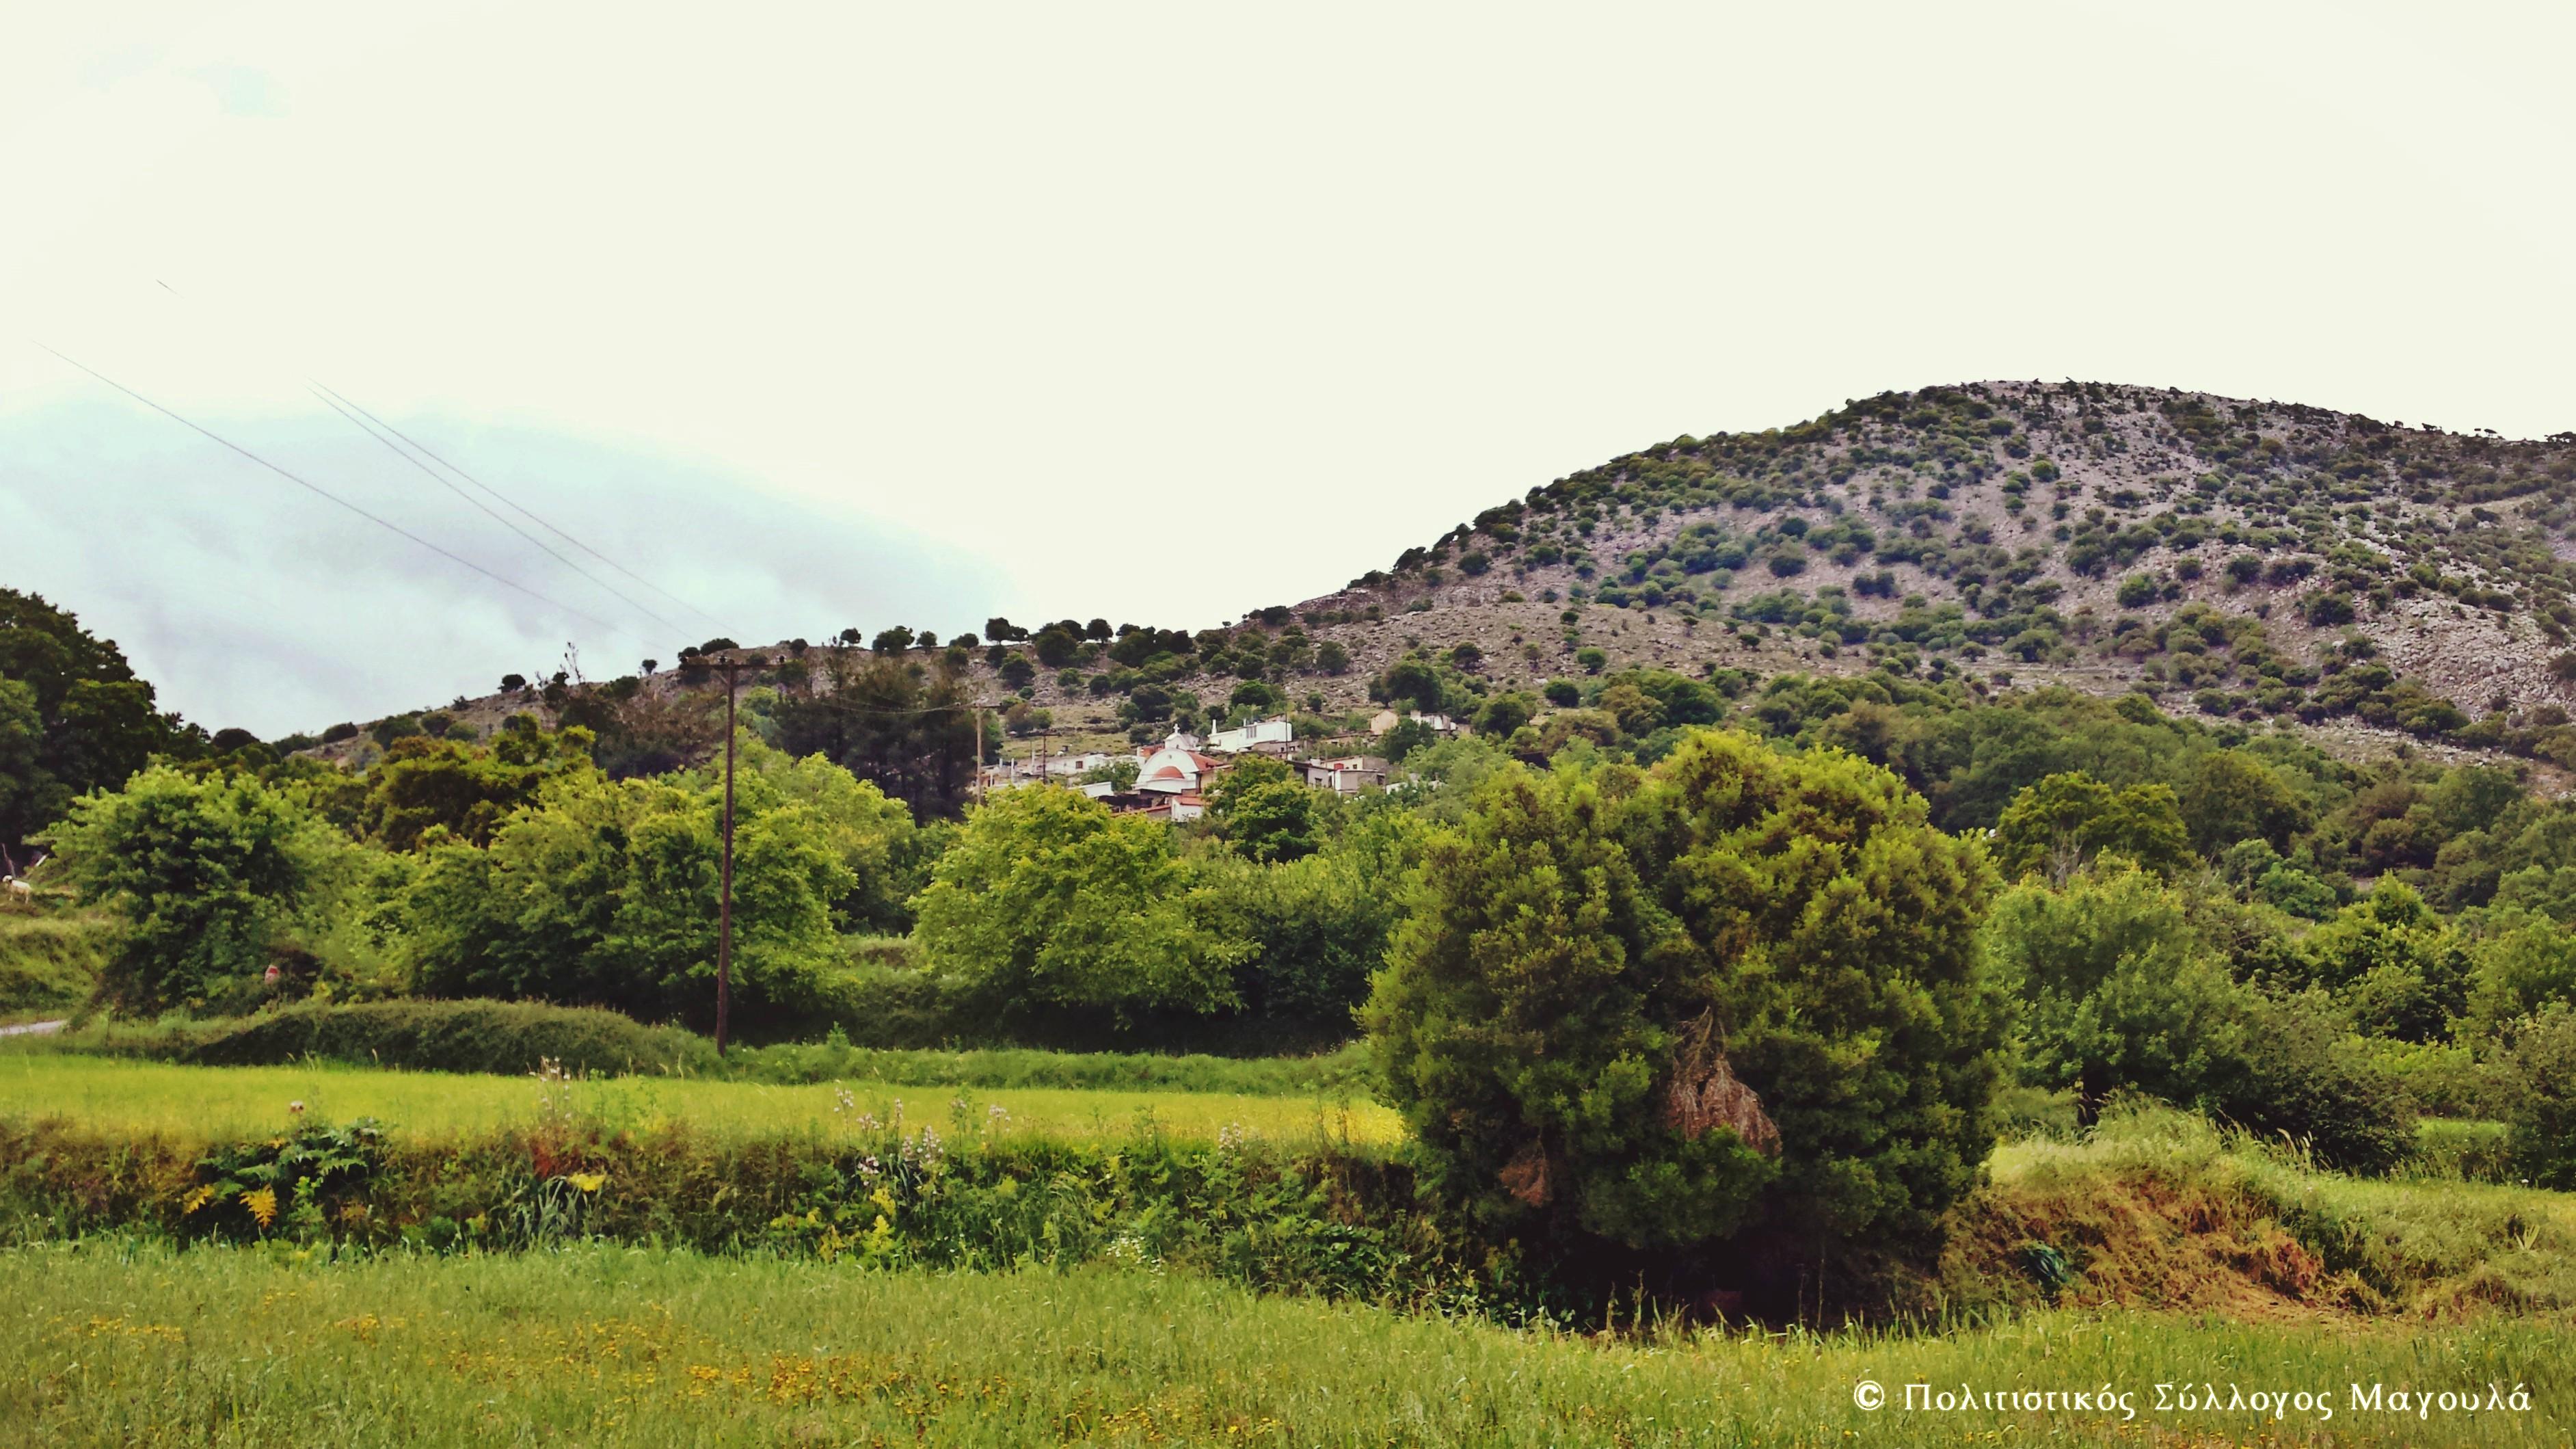 Ο Μαγουλάς από τον κάμπο- Magoulas from the plain